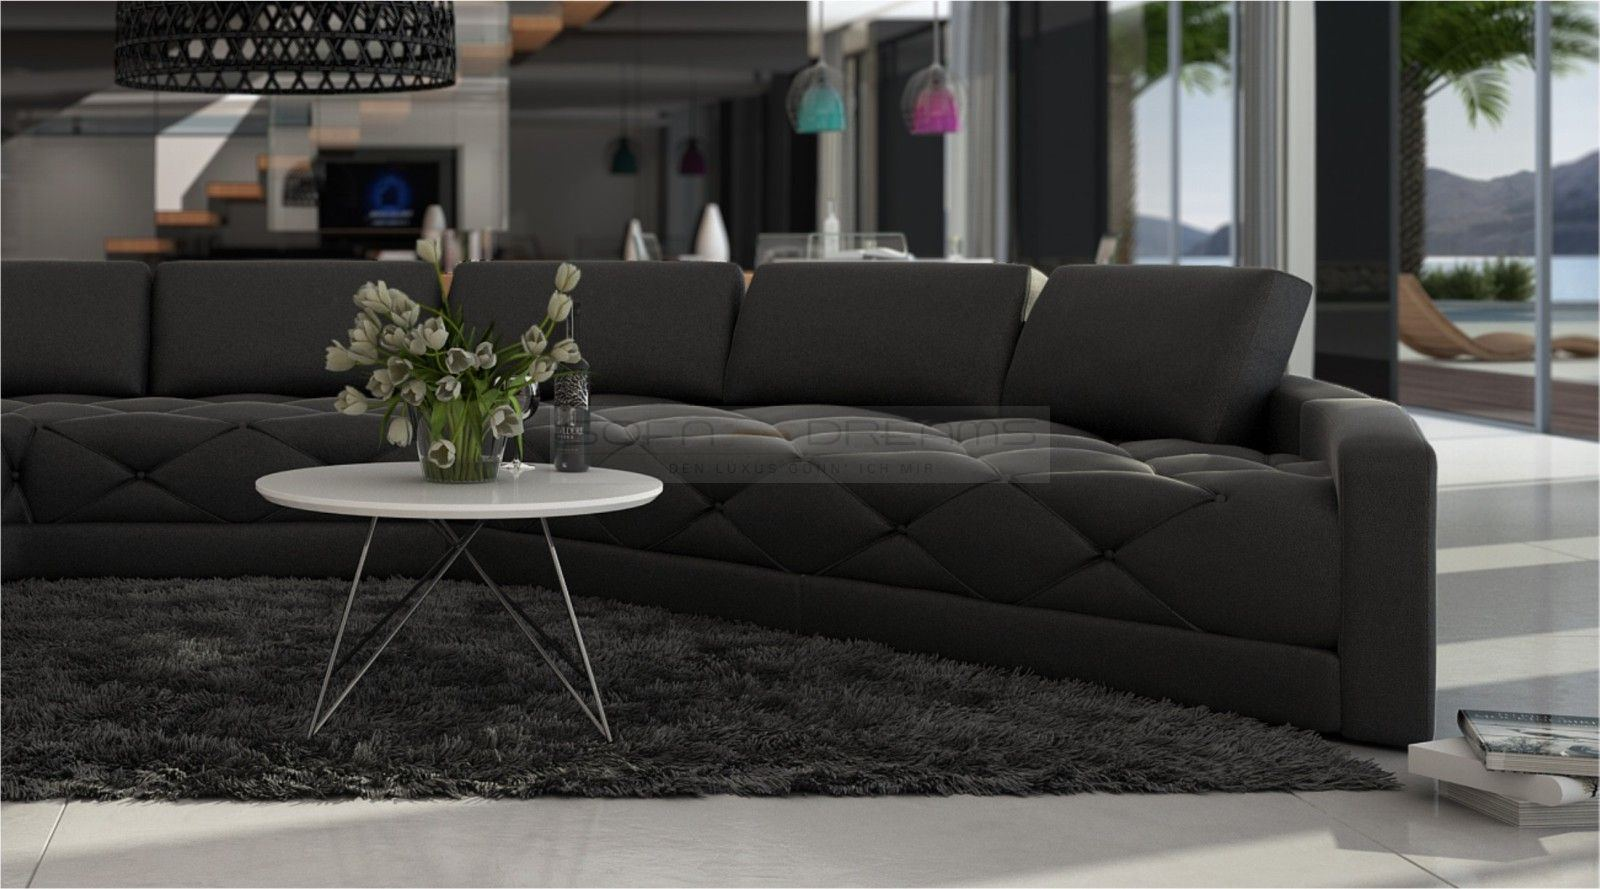 Rundsofa Secreto Gesteppte Sitzflache Designersofa Luxuscouch Leder